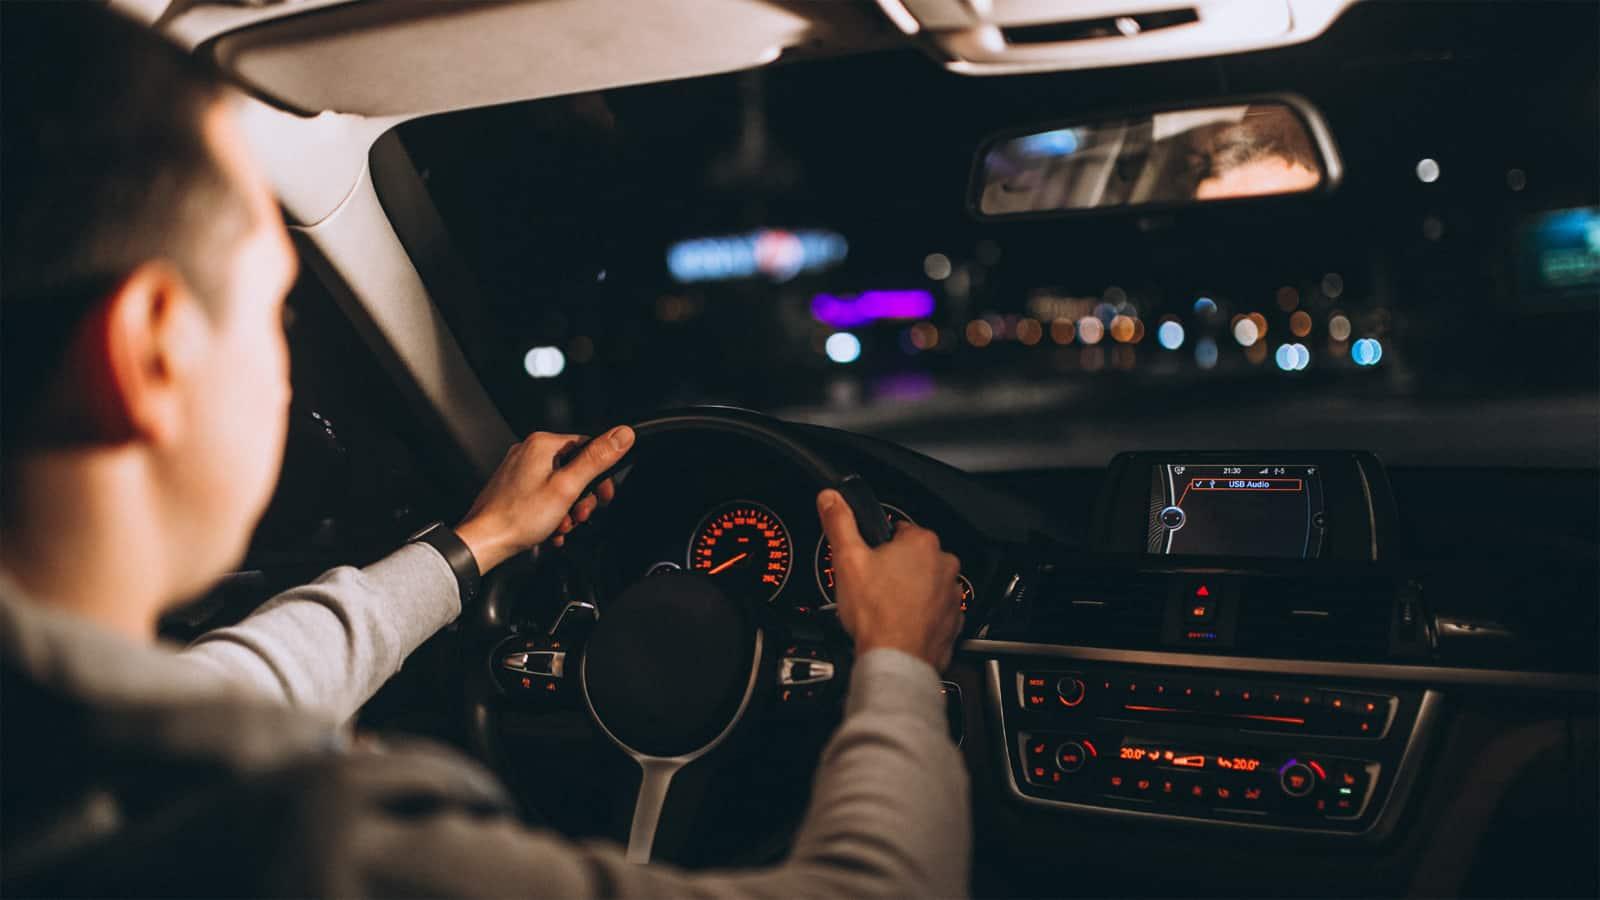 Tegyük fel a szemüveget a vezetéshez is, különösen éjszaka!